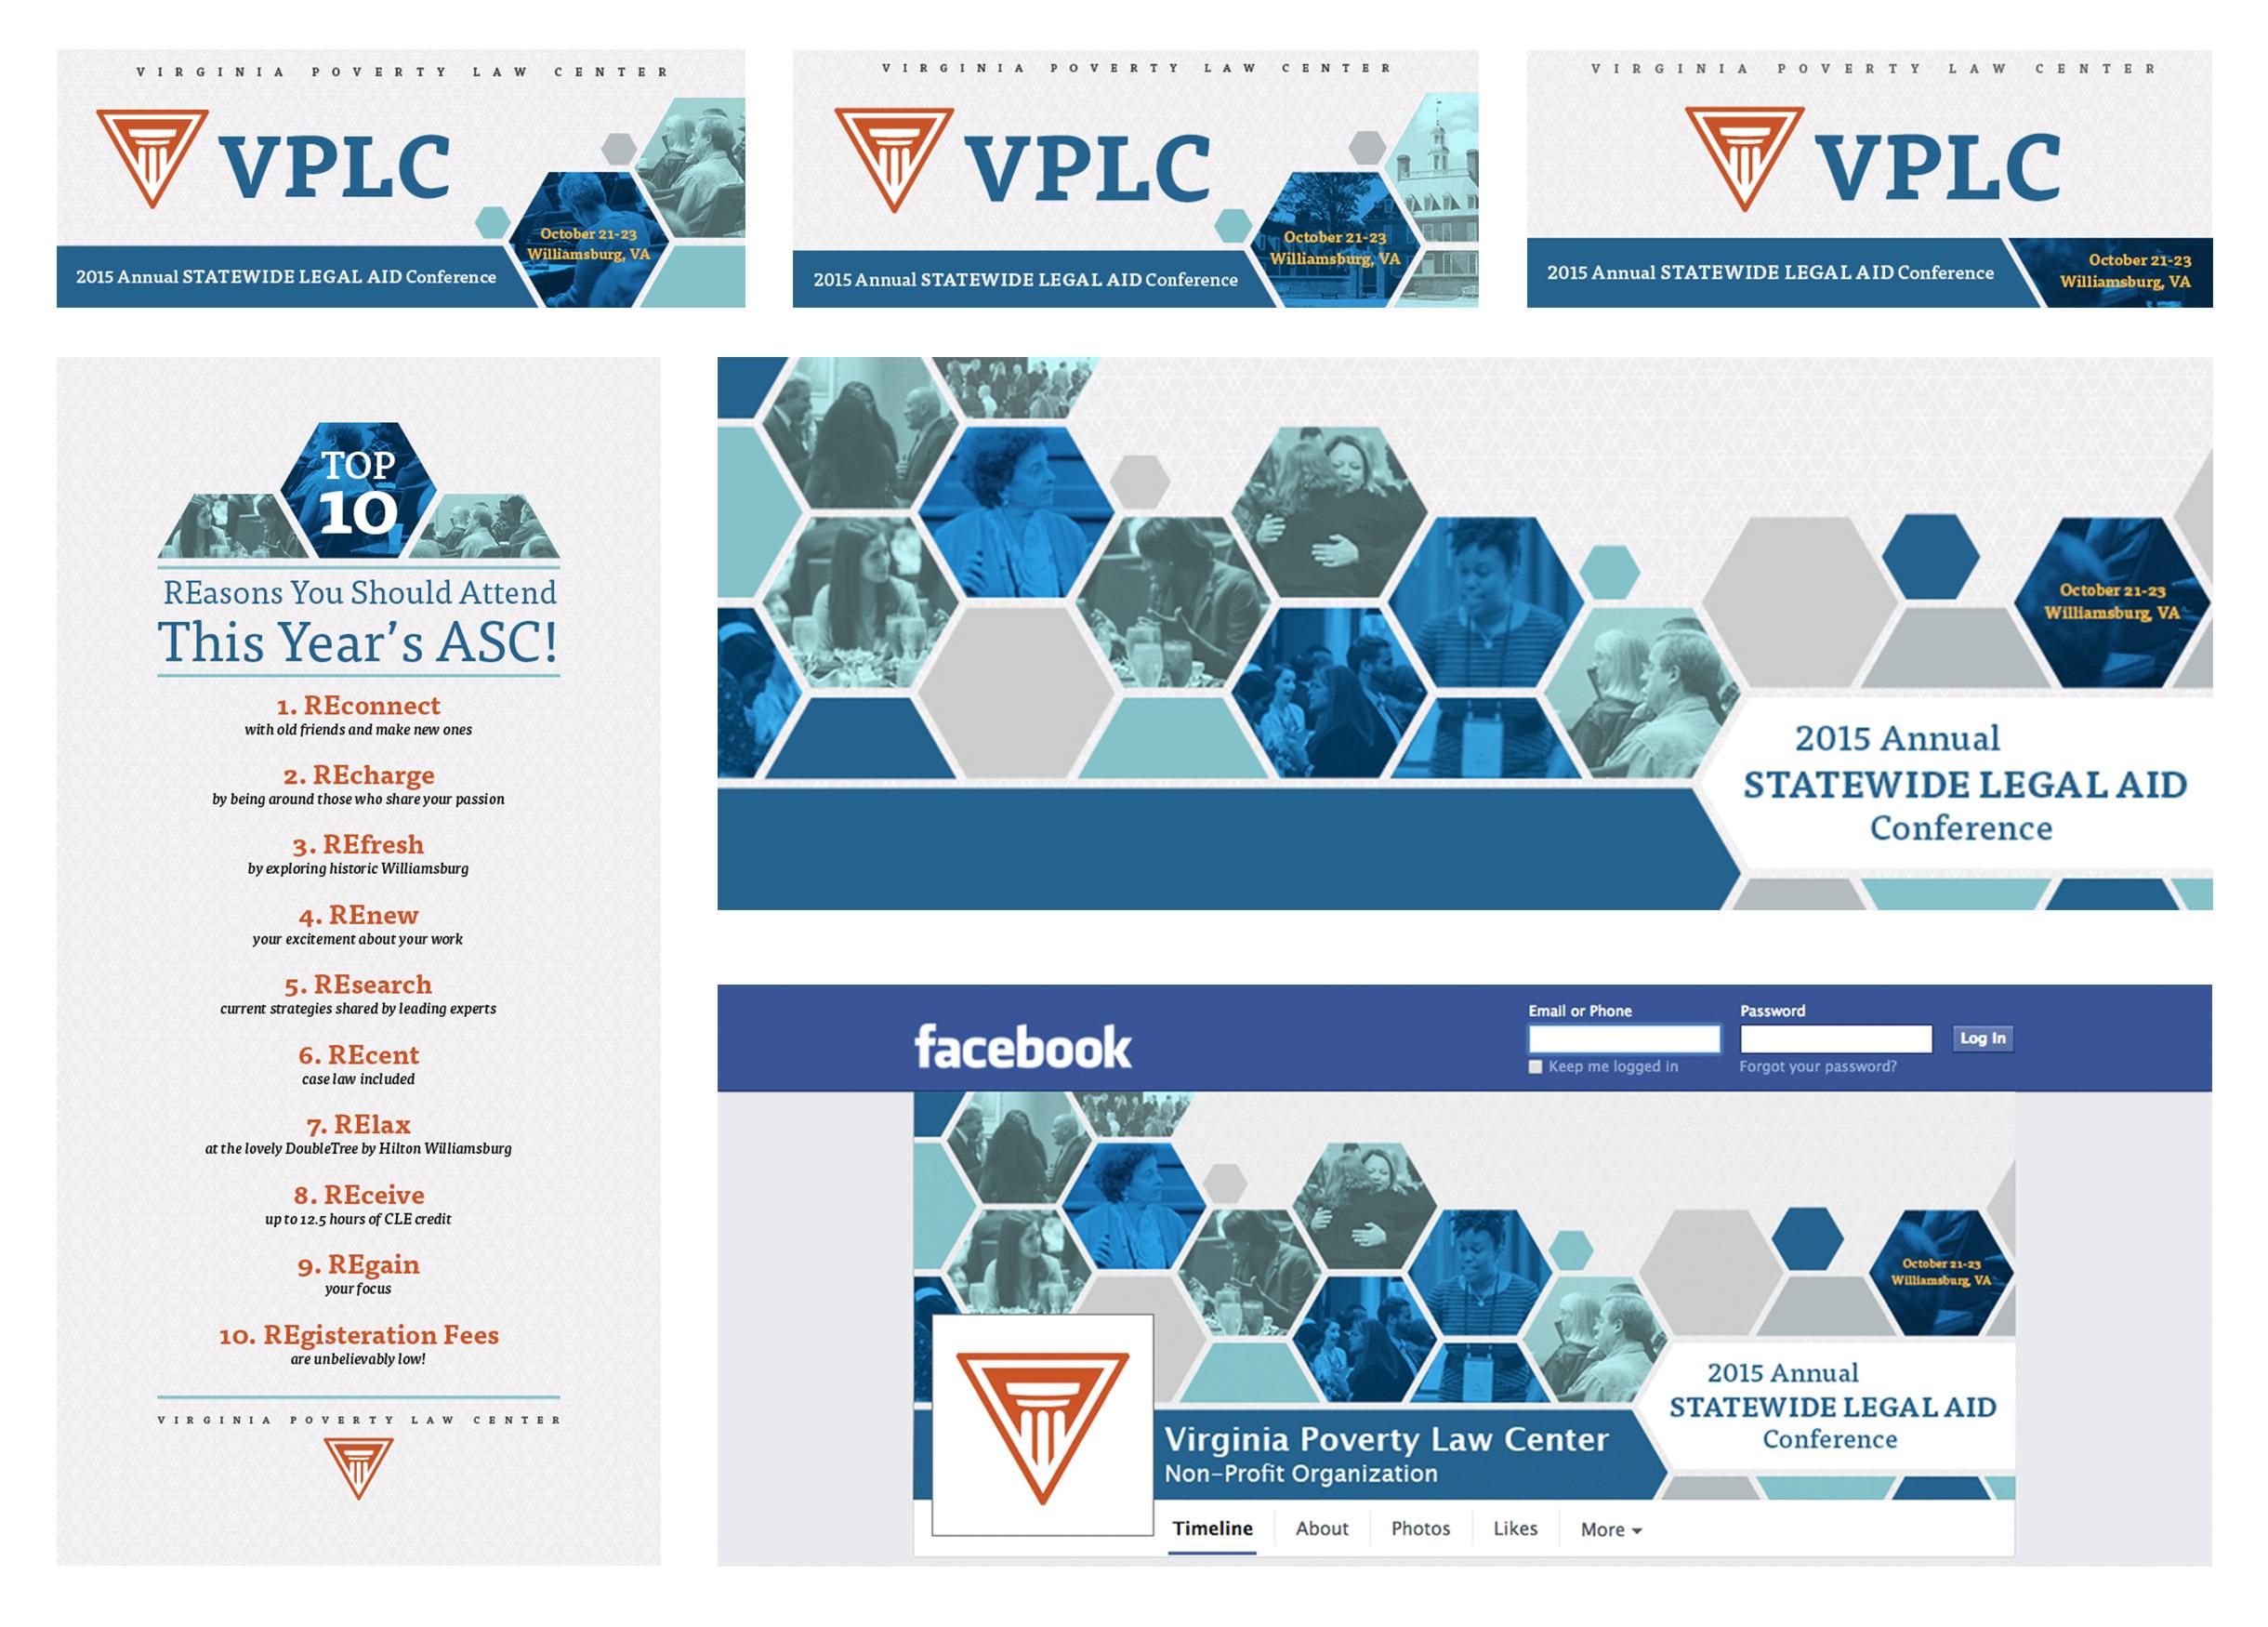 WEBSITE_VPLC_WebImages